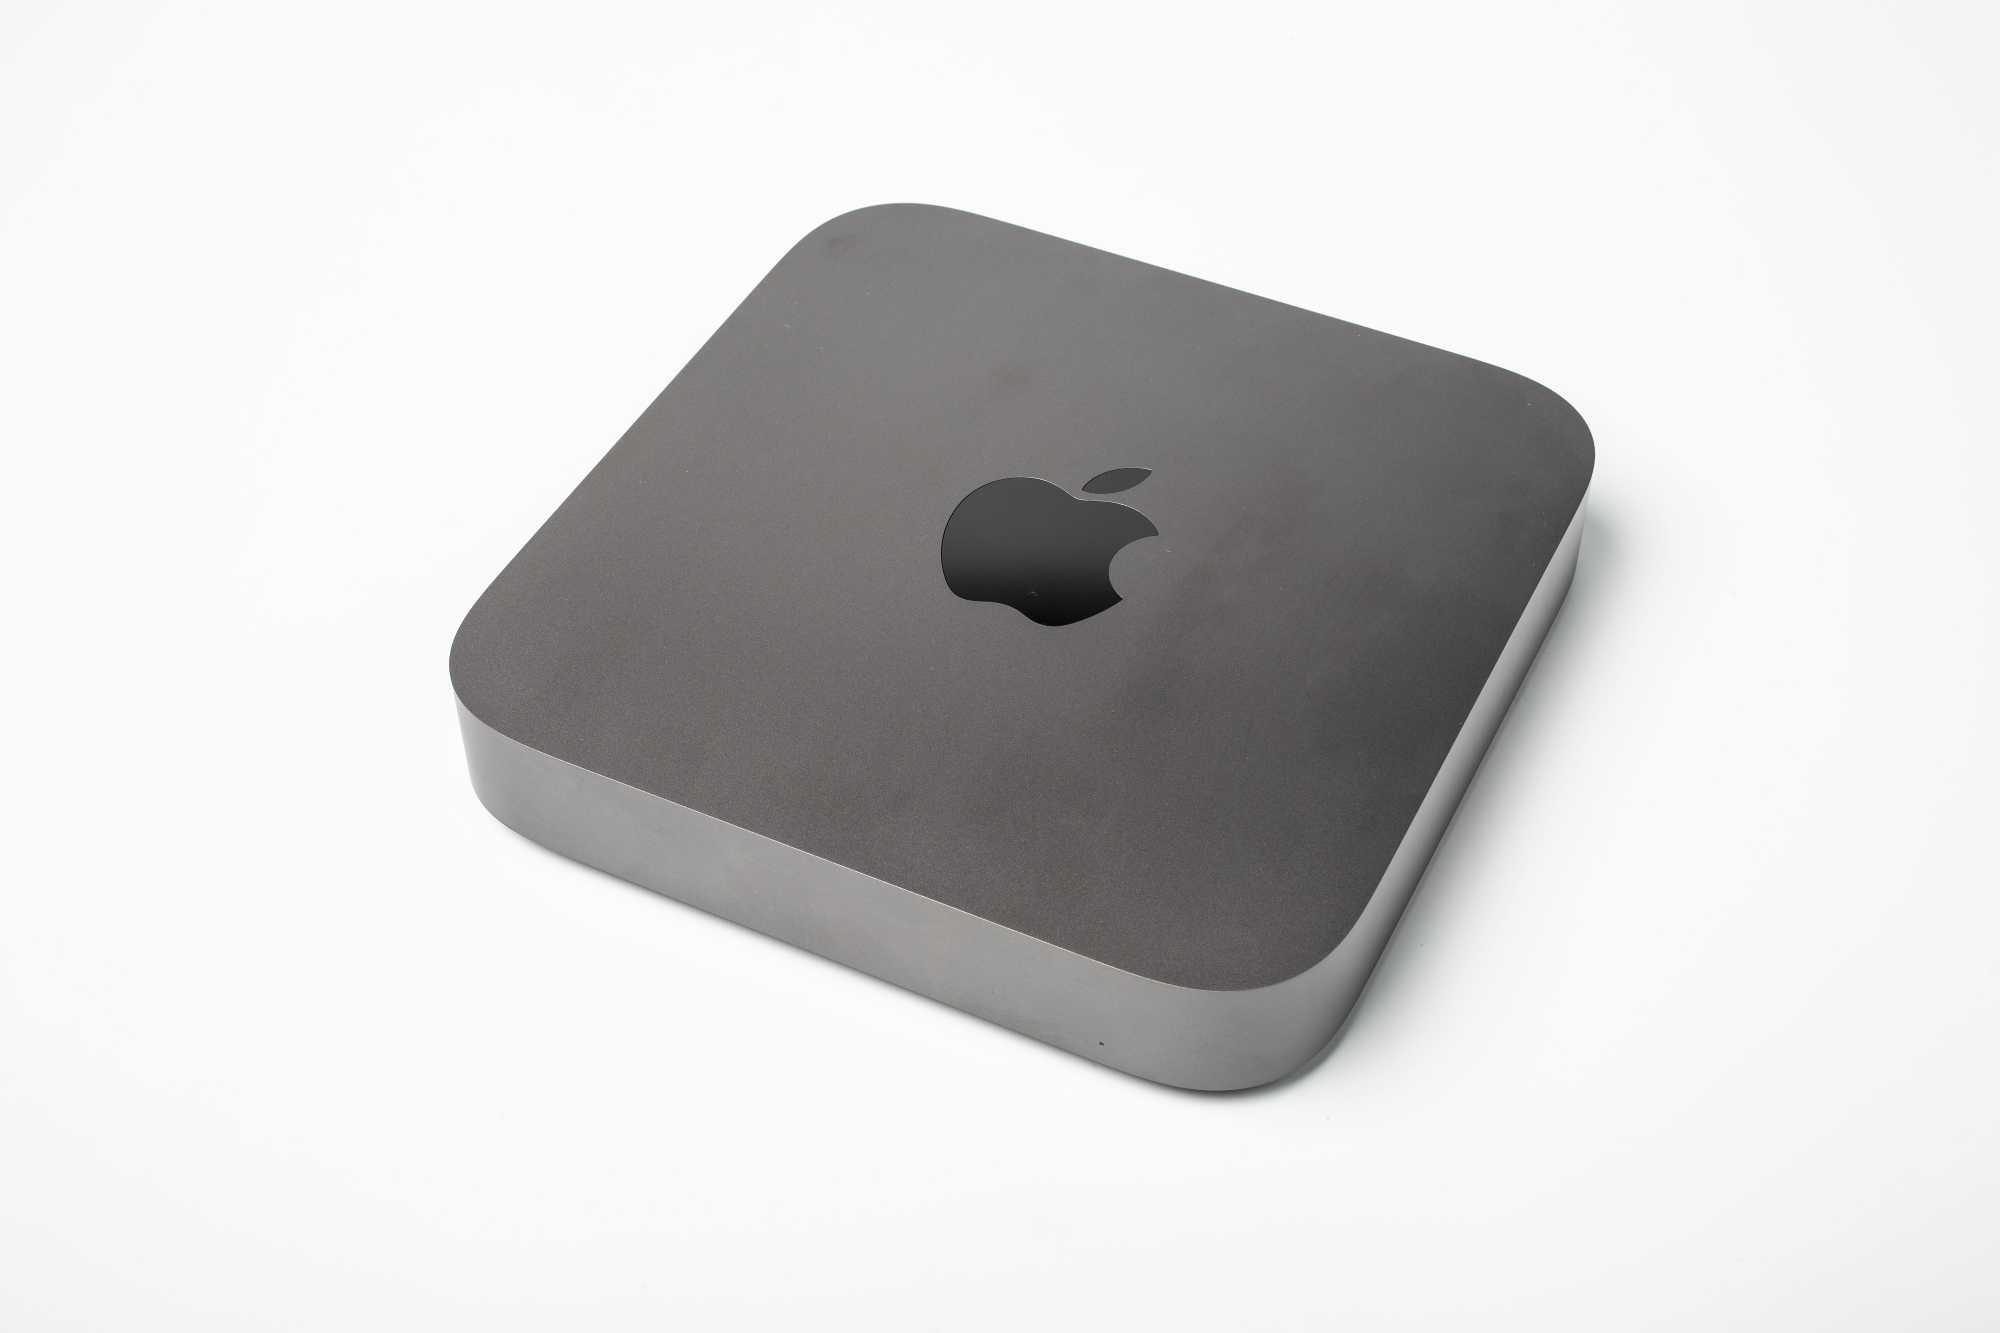 Das Gehäuse mit seiner quadratischen Grundfläche ist geblieben, neu ist die Farbe Space-Grau.